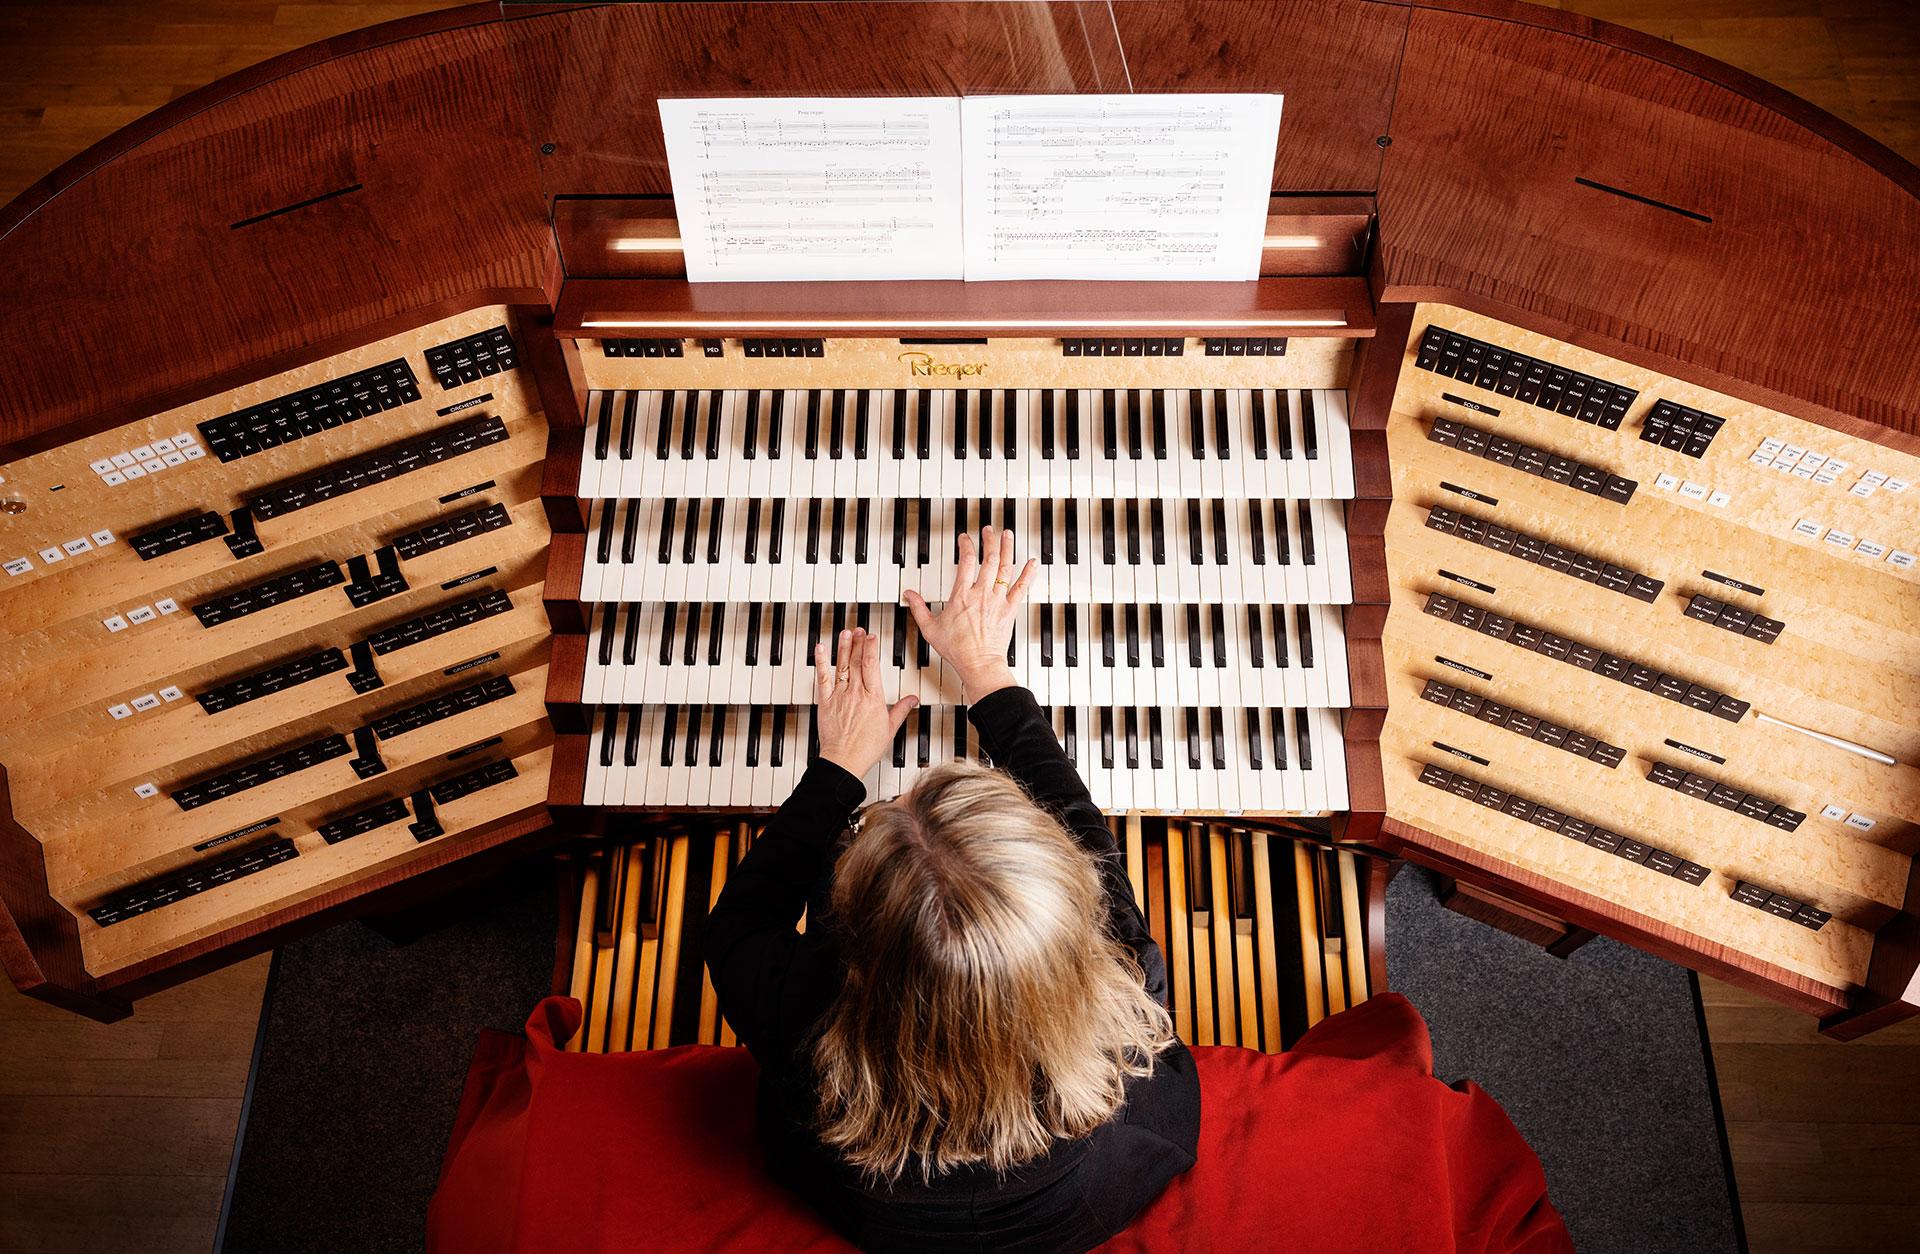 Orgelns spelbord ovanifrån med en mängd tangenter och knappar som musikerns händer vilar på.